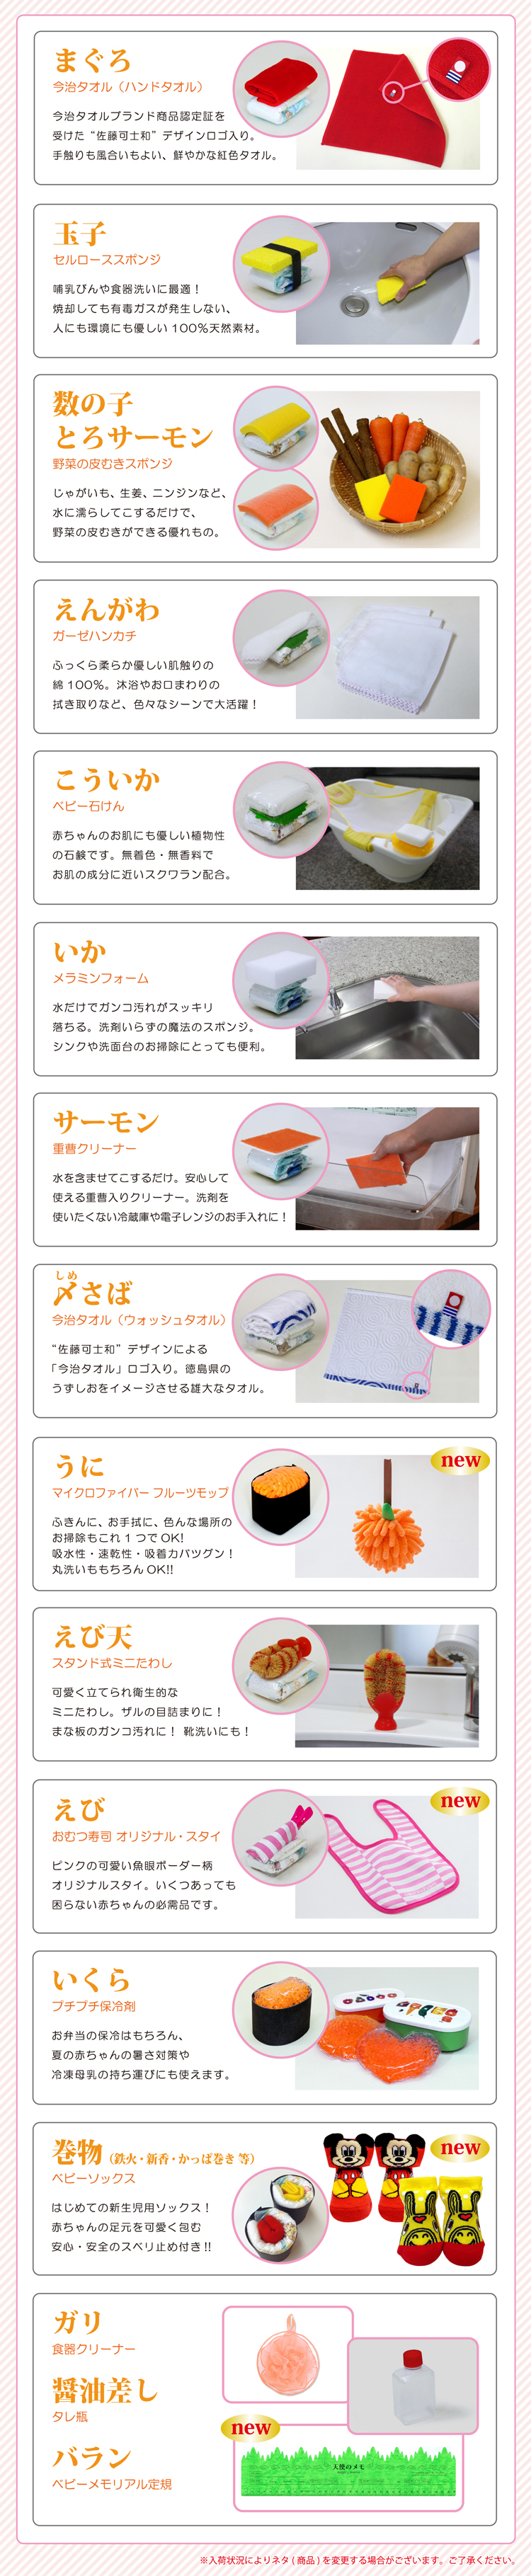 おむつ寿司ネタ紹介2